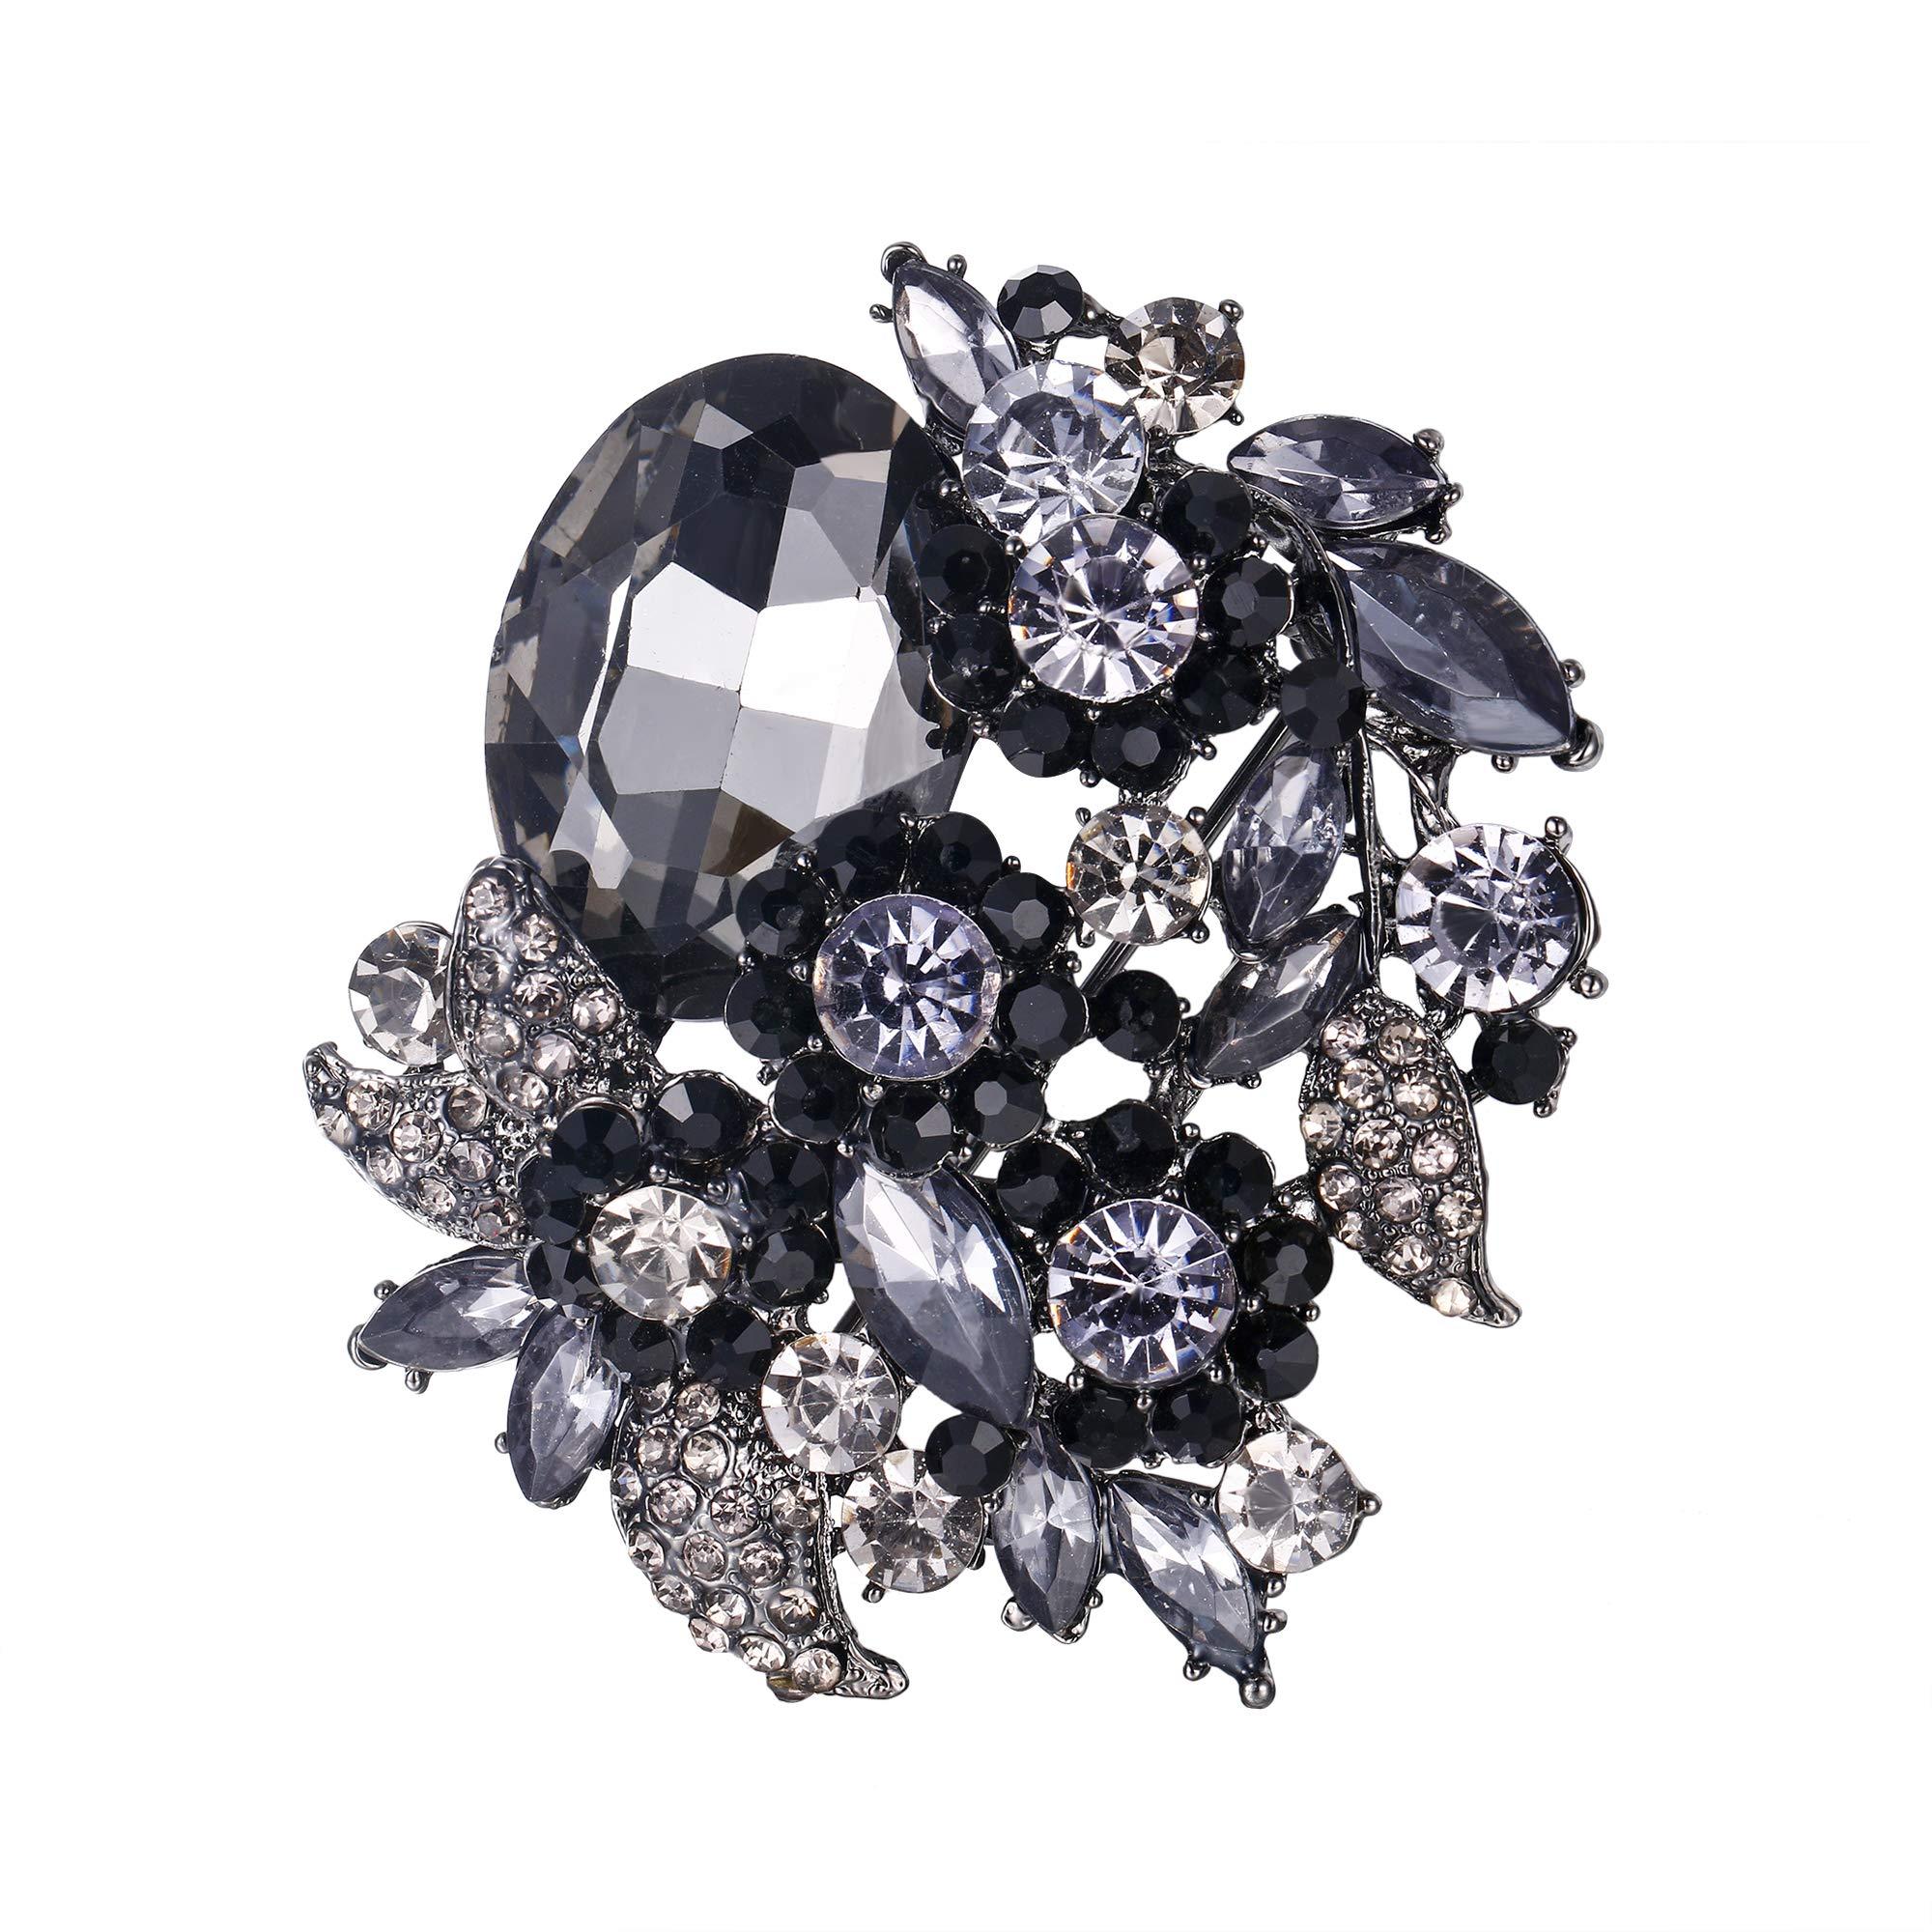 EVER FAITH Women's Rhinestone Crystal Party Flower Leaf Vine Brooch Black Black-Tone